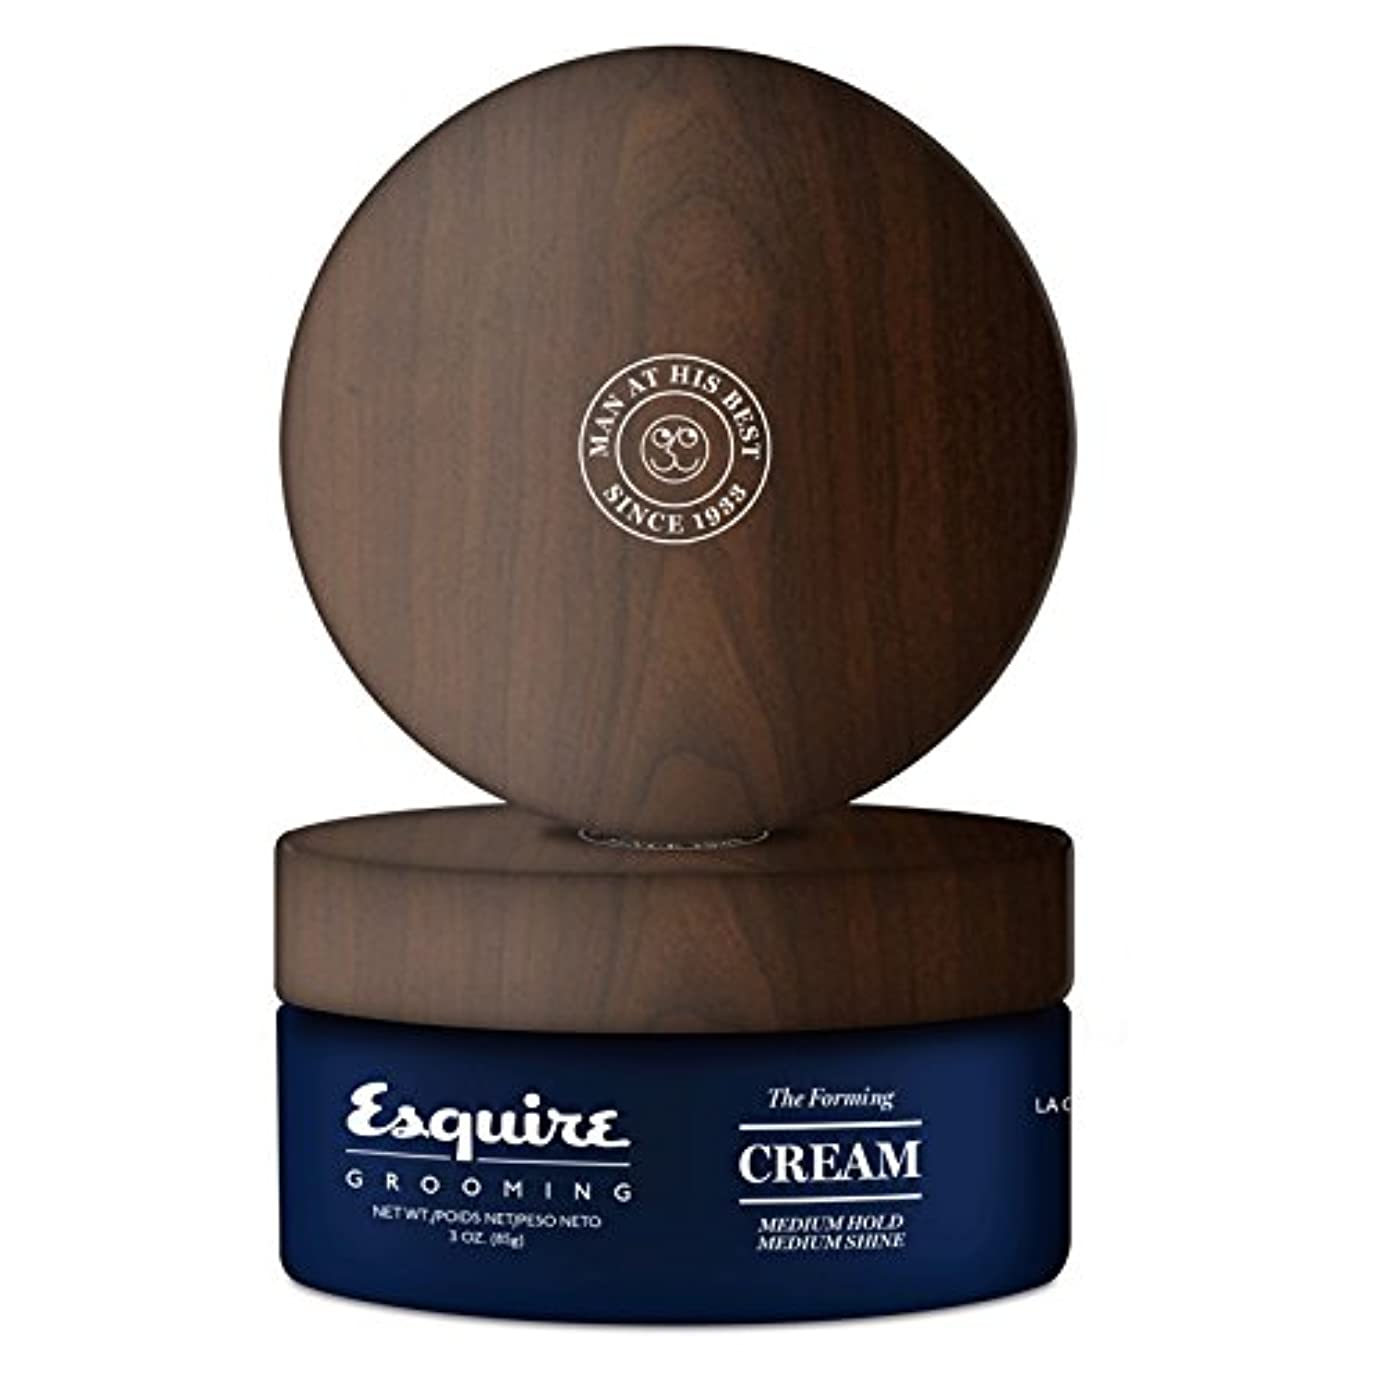 航空便申込みシェードCHI Esquire Grooming The Forming Cream (Medium Hold, Medium Shine) 85g/3oz並行輸入品